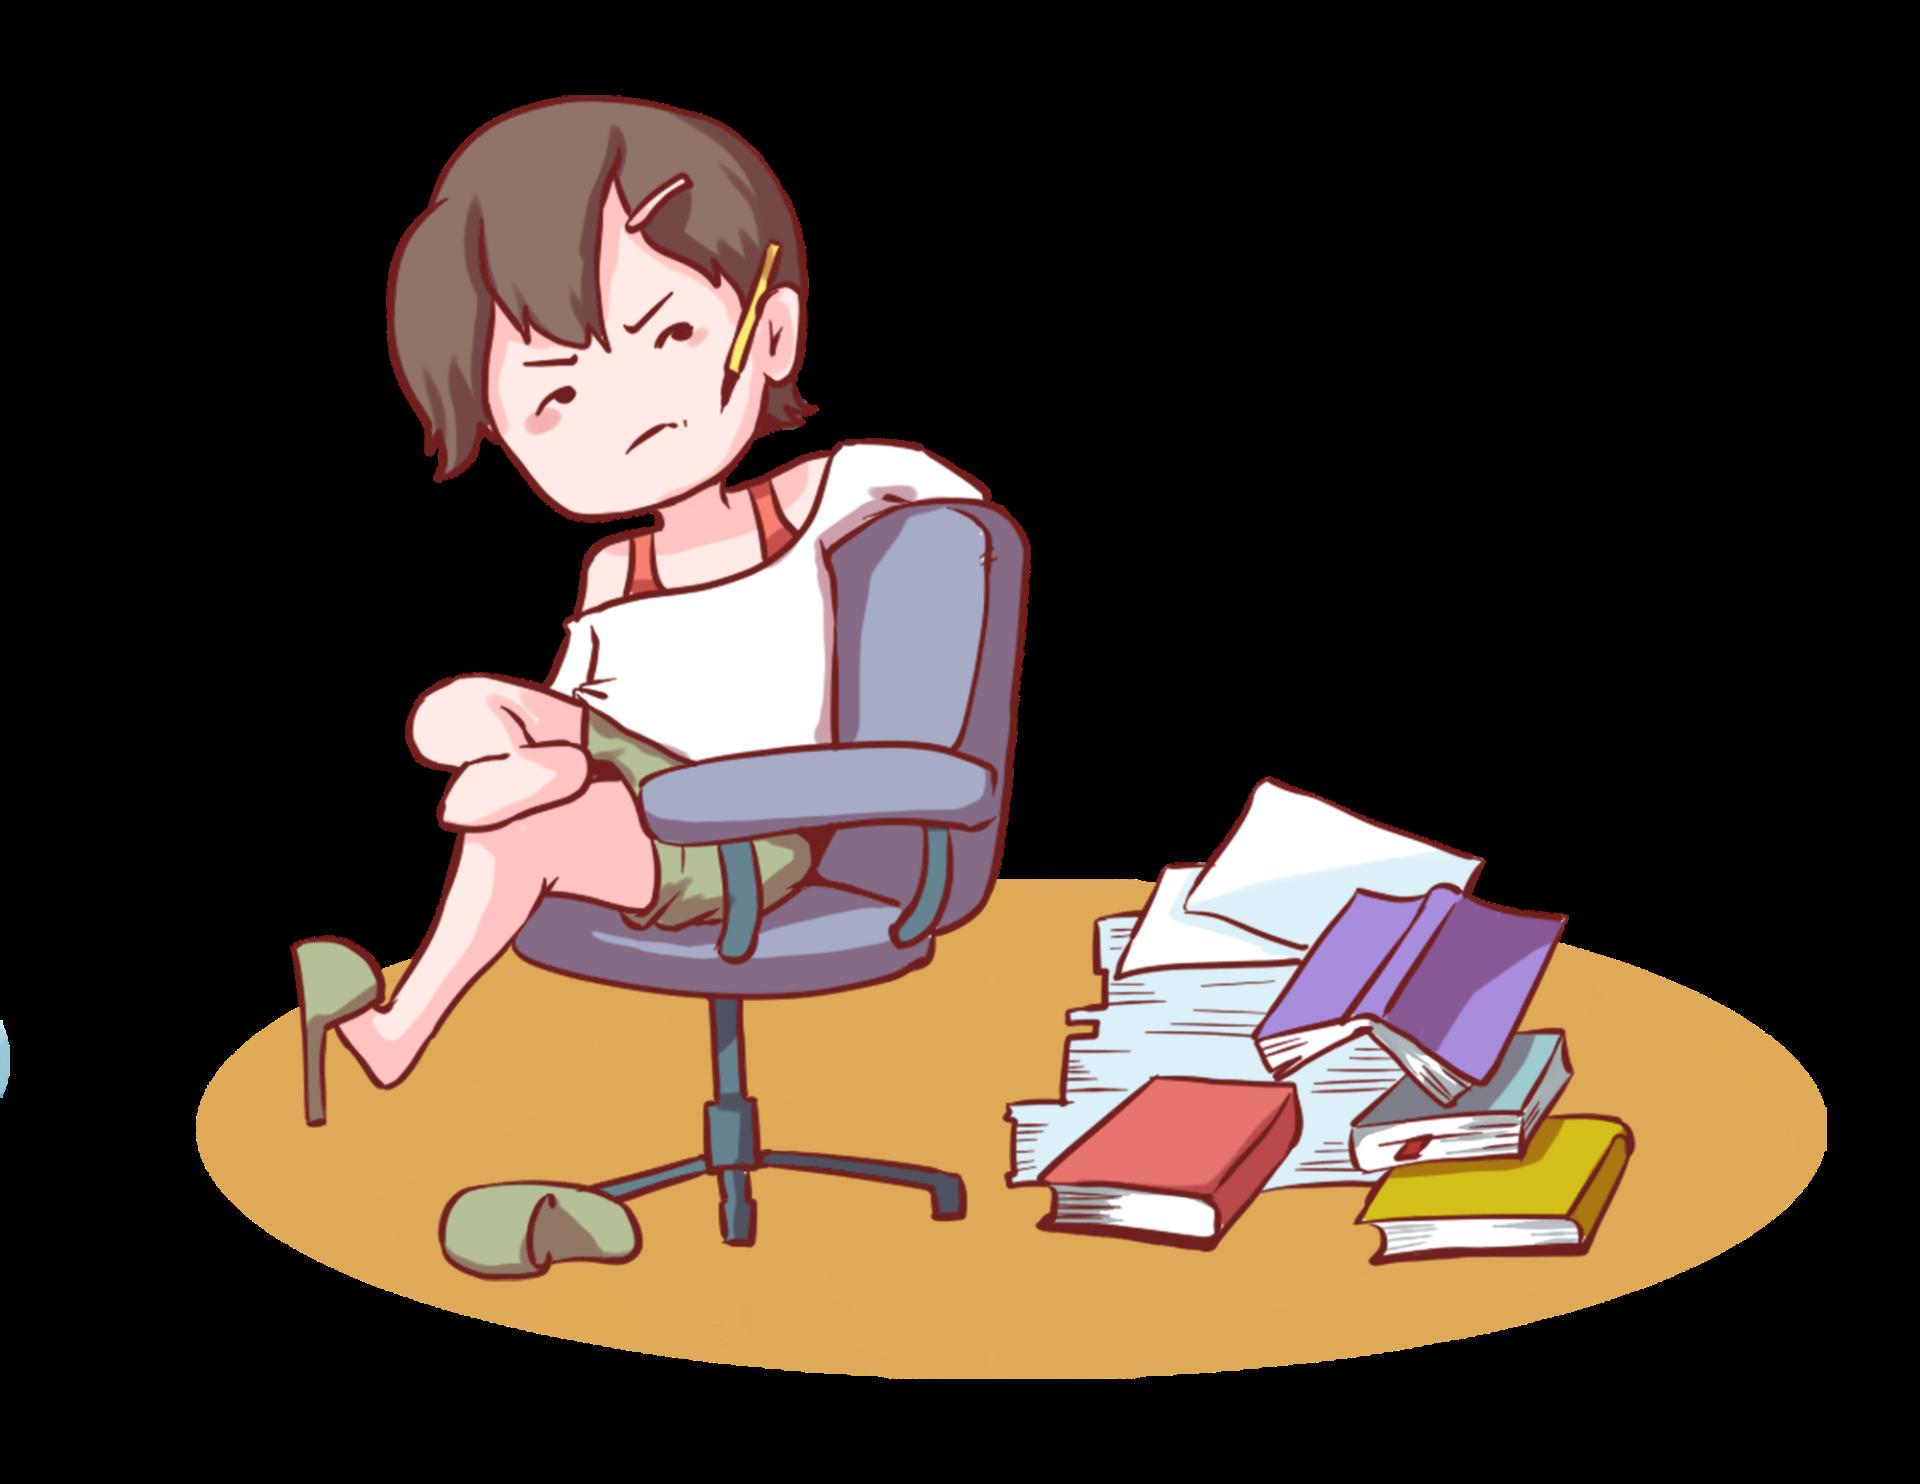 应对疲劳的7个建议(5):放慢节奏